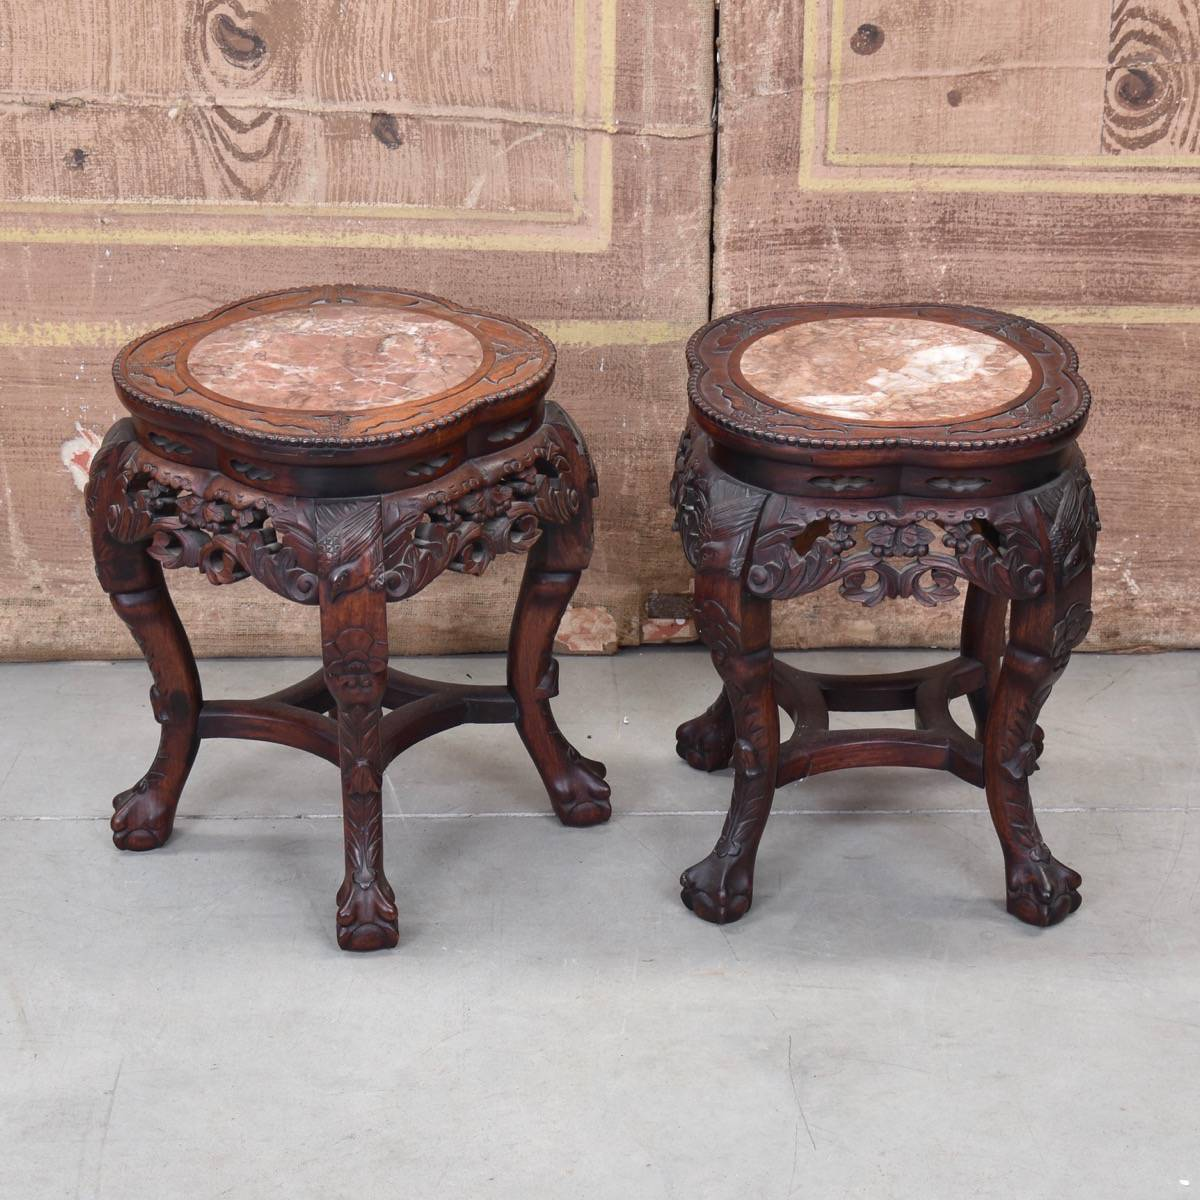 Antique Furniture: Paul De Grande Antique